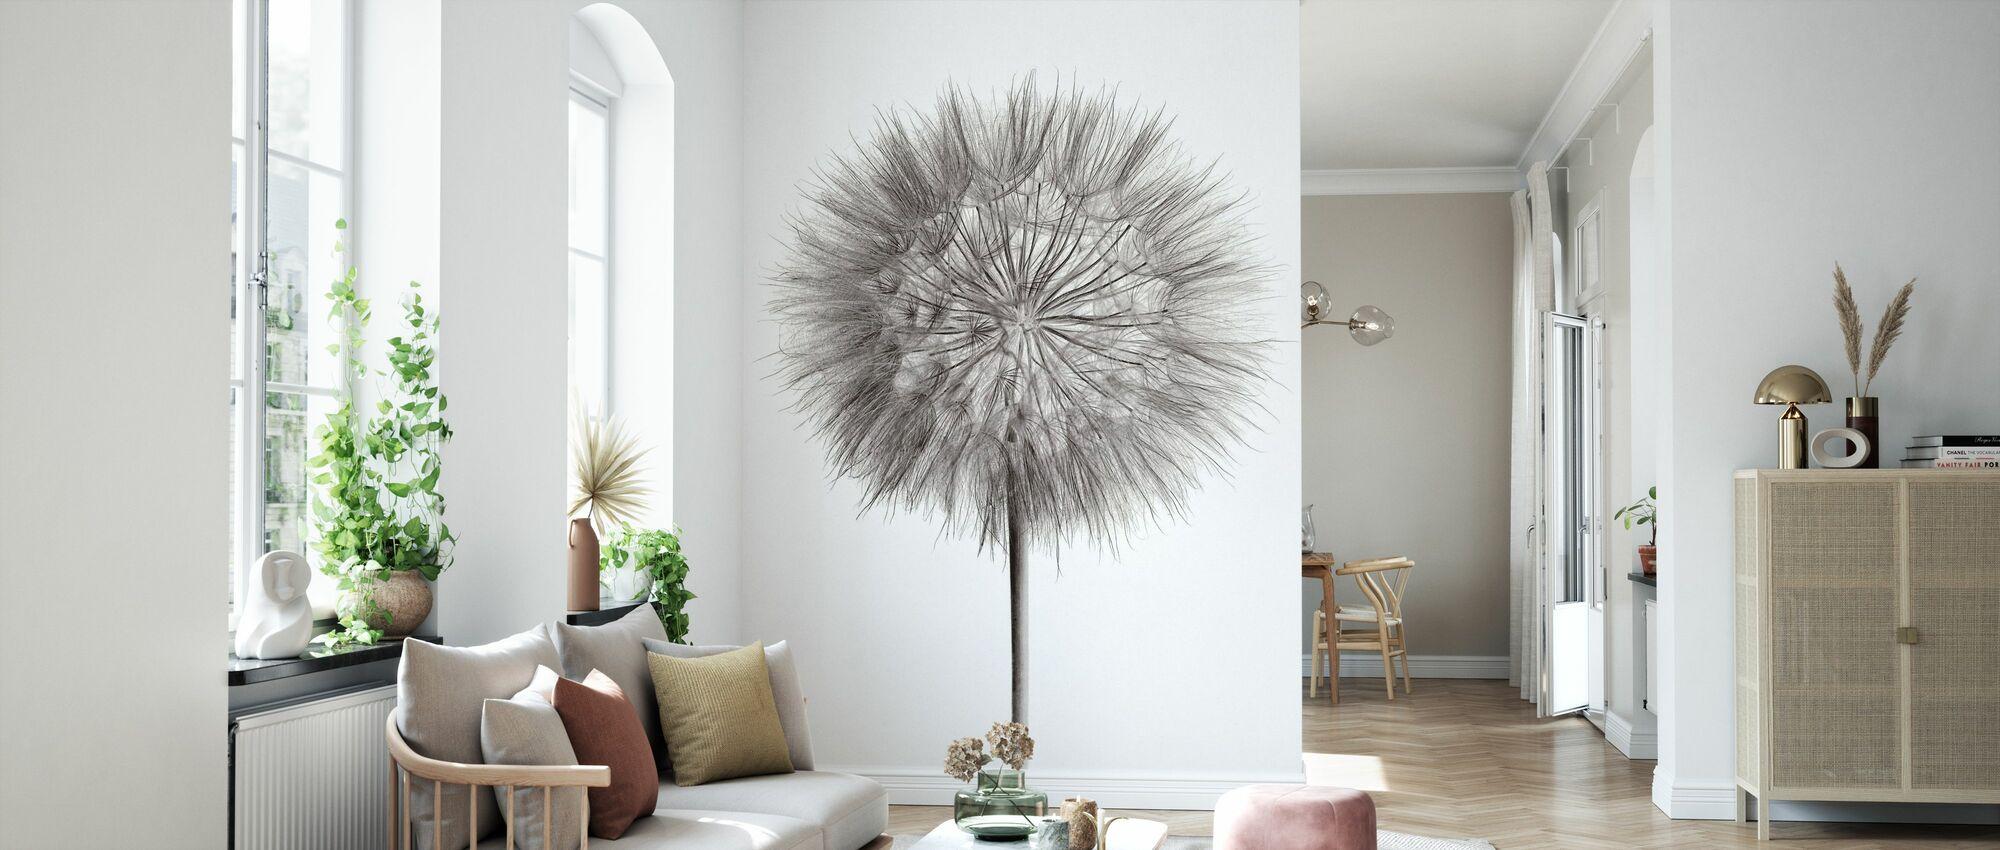 Dandelion Fluff on White - Wallpaper - Living Room